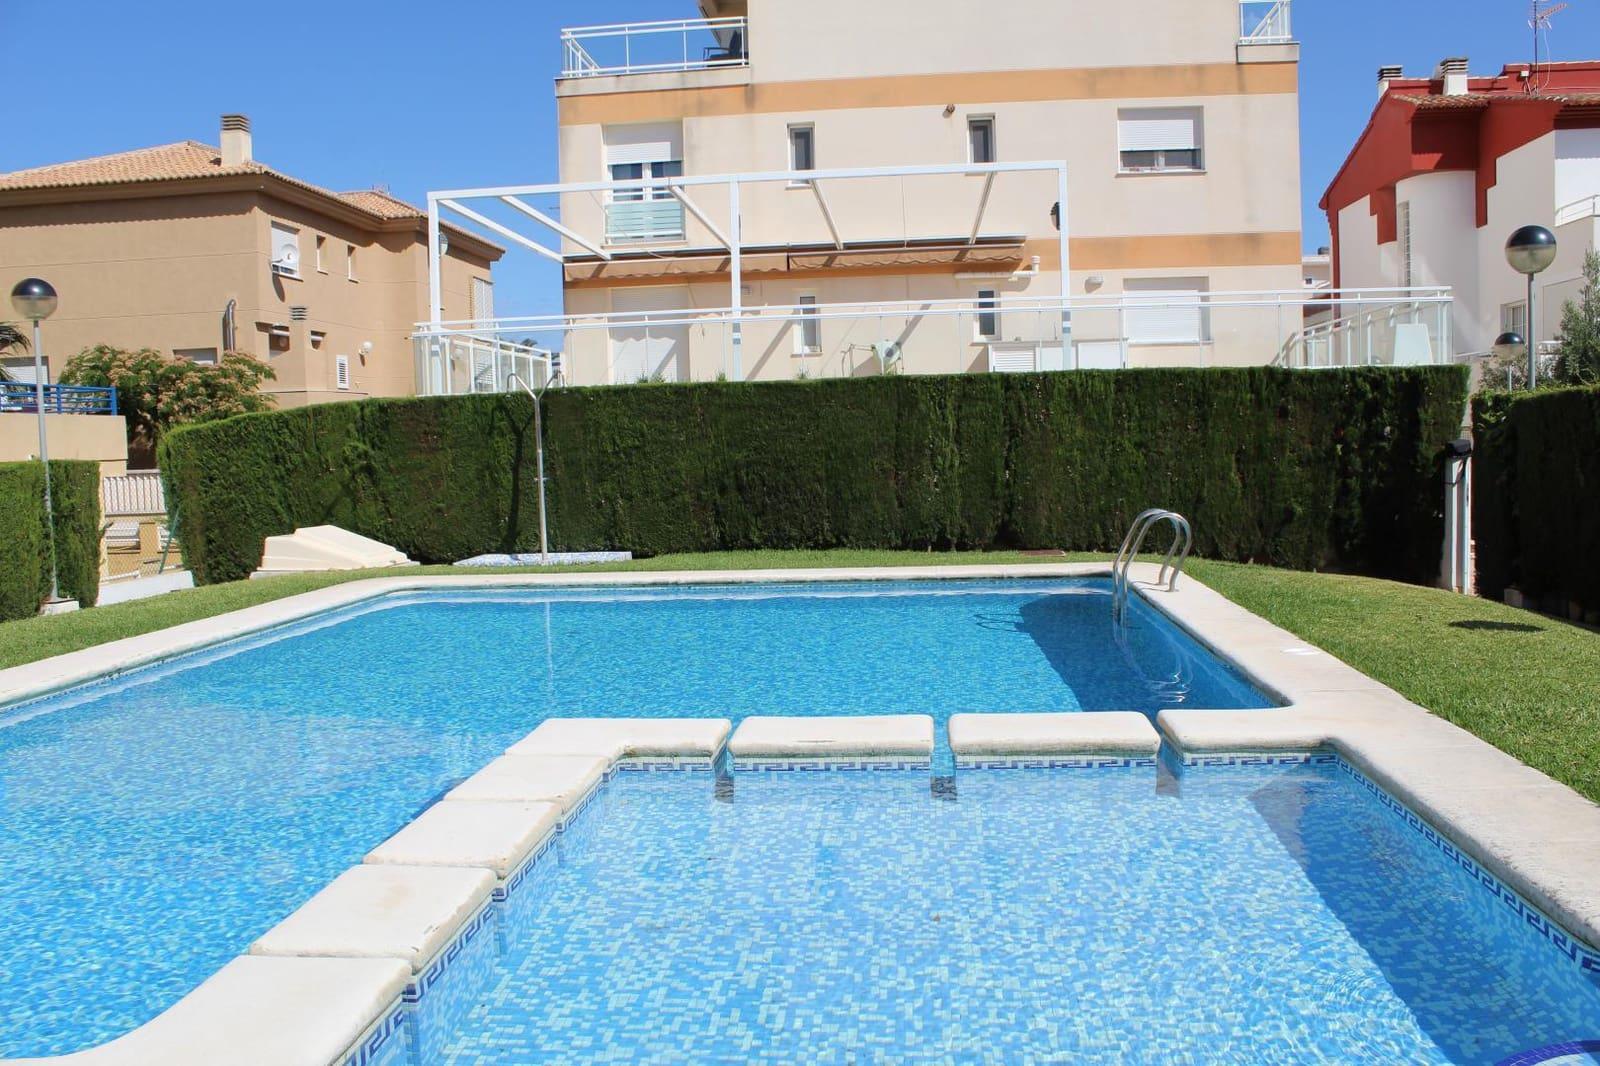 2 soveværelse Lejlighed til leje i Oliva med swimmingpool garage - € 500 (Ref: 5635456)